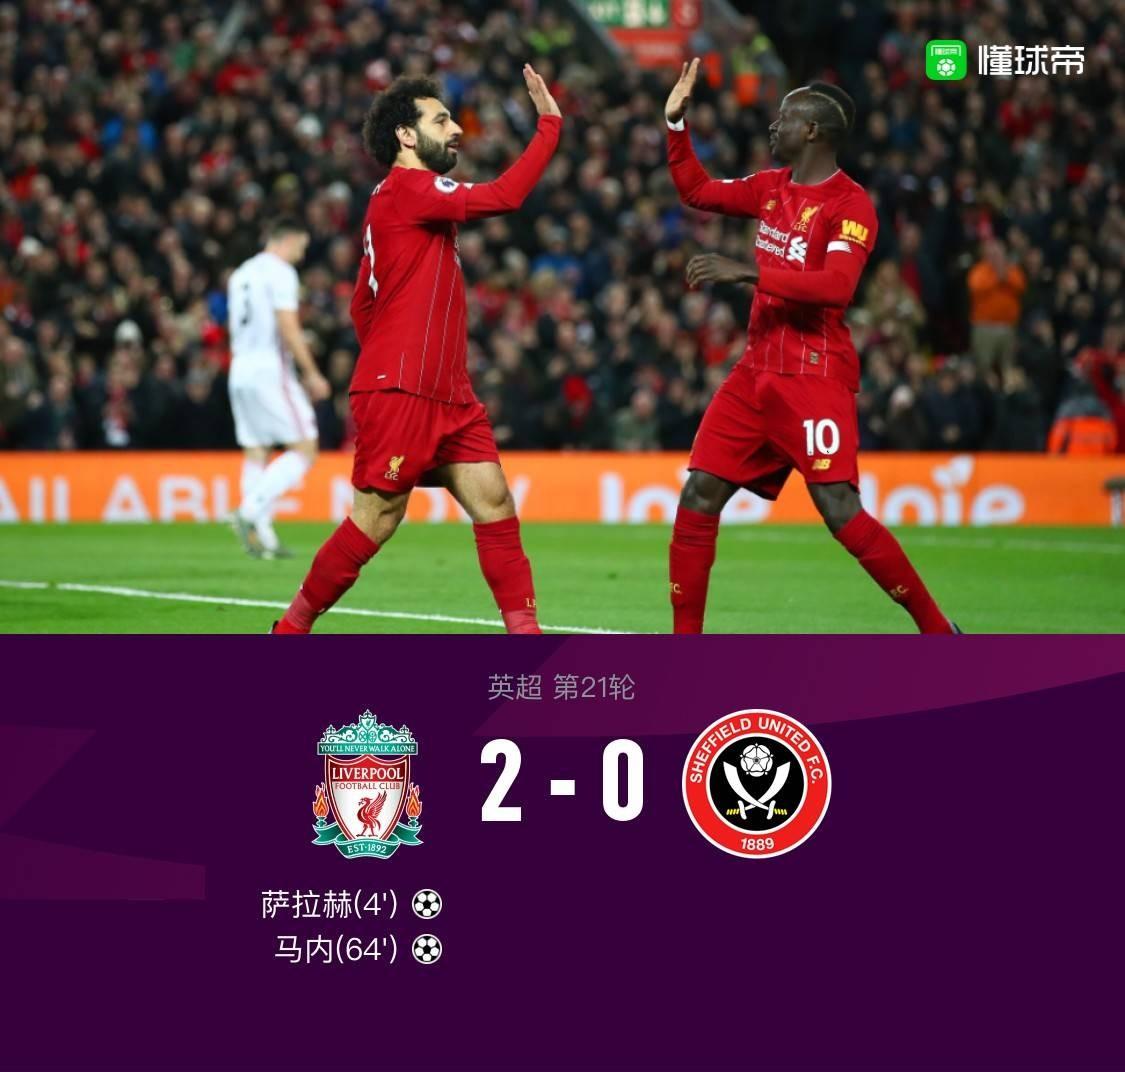 剑南春丨英超战报:利物浦2-0谢菲